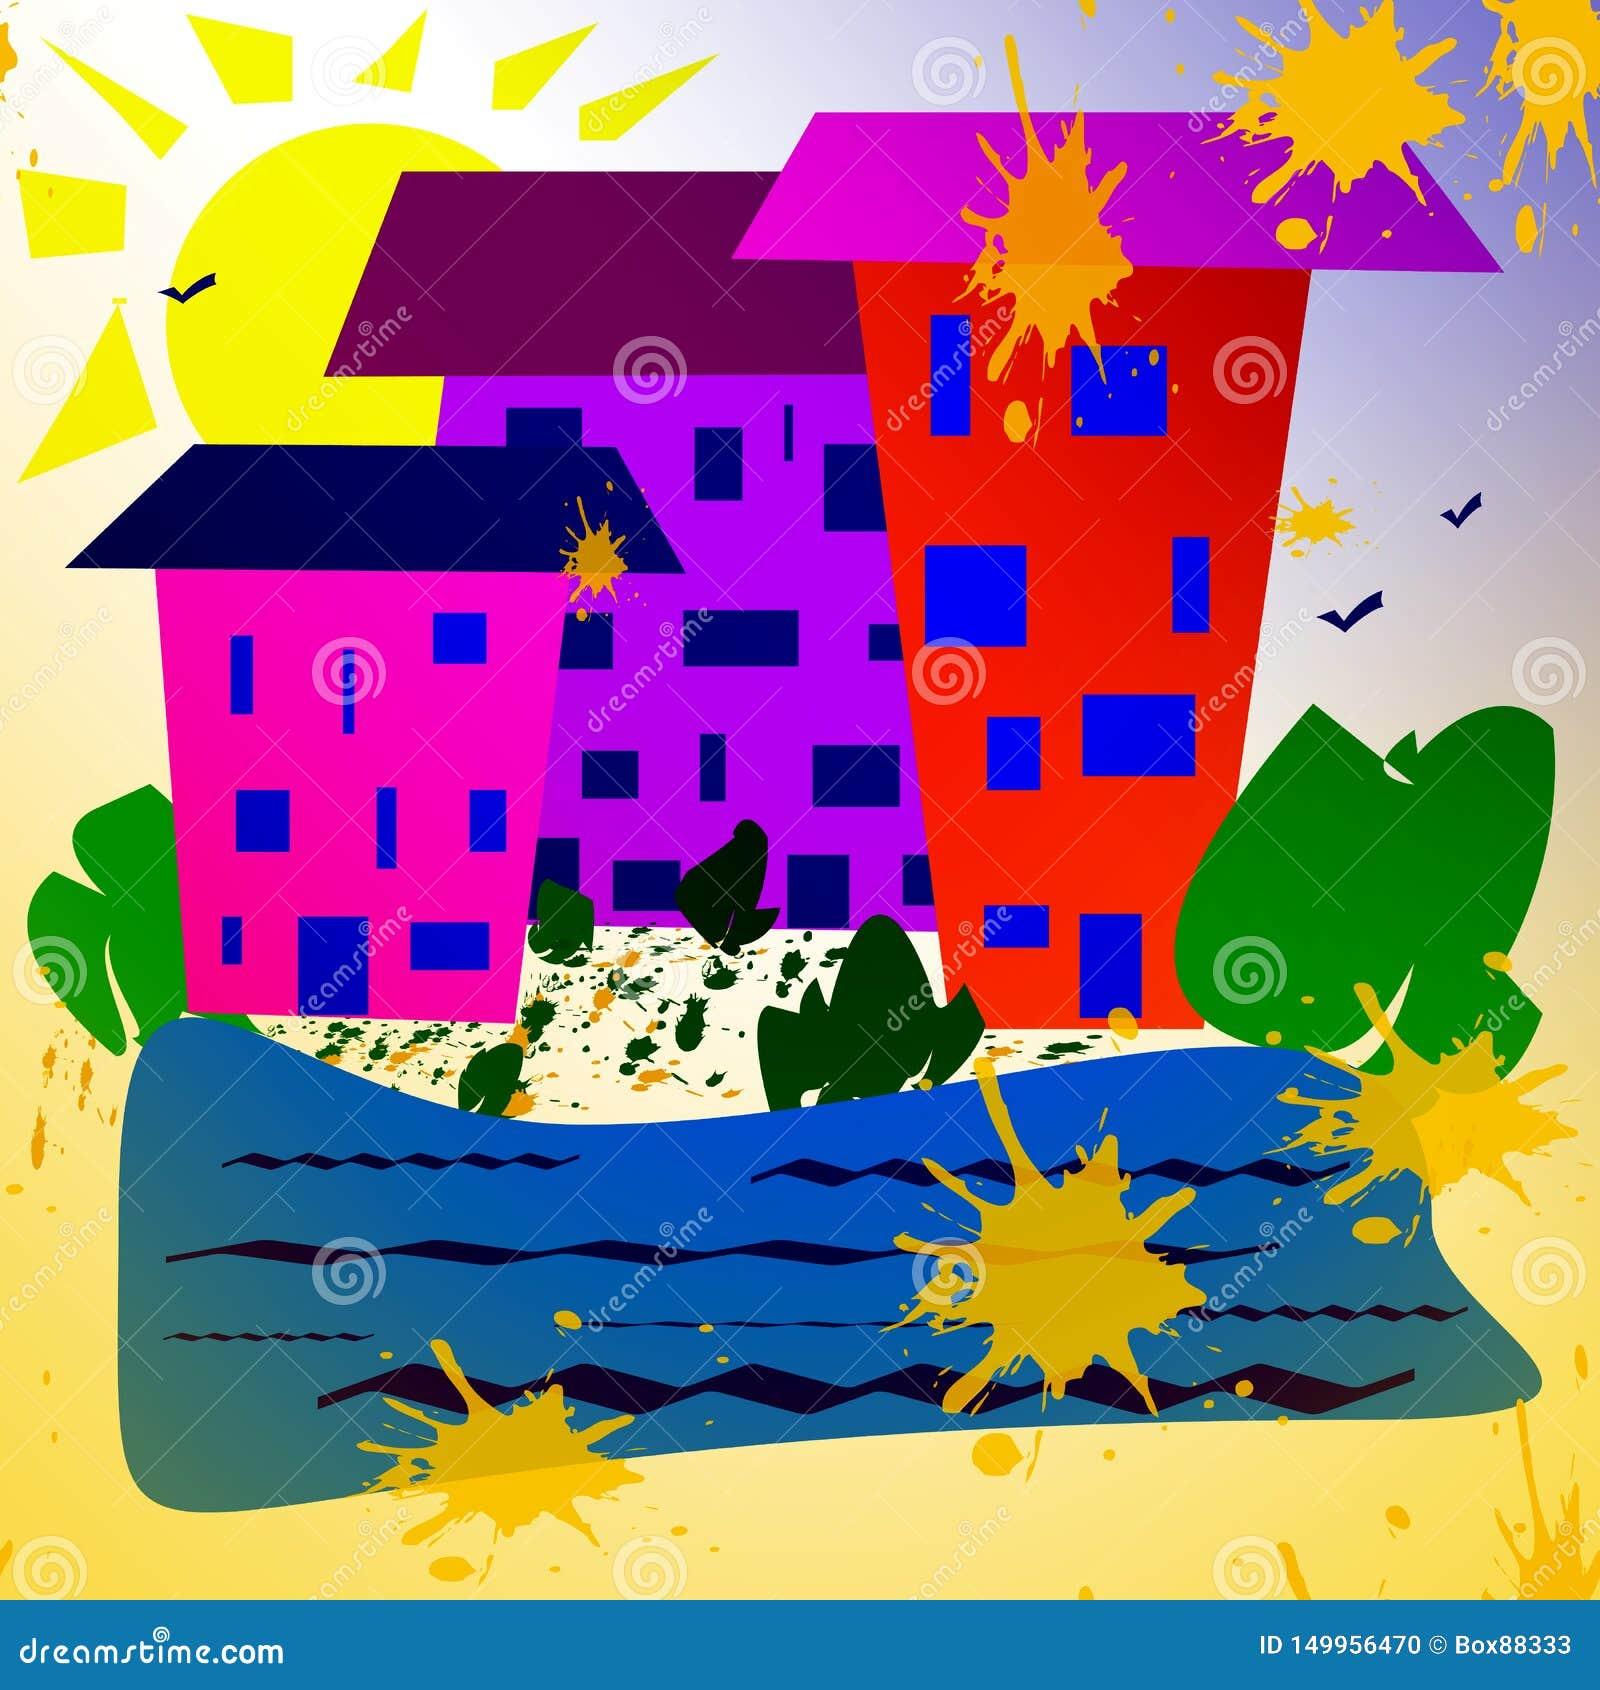 Αφηρημένη απλή εικόνα Ηλιόλουστη ημέρα, σπίτια κοντά σε μια δεξαμενή, εγκαταστάσεις